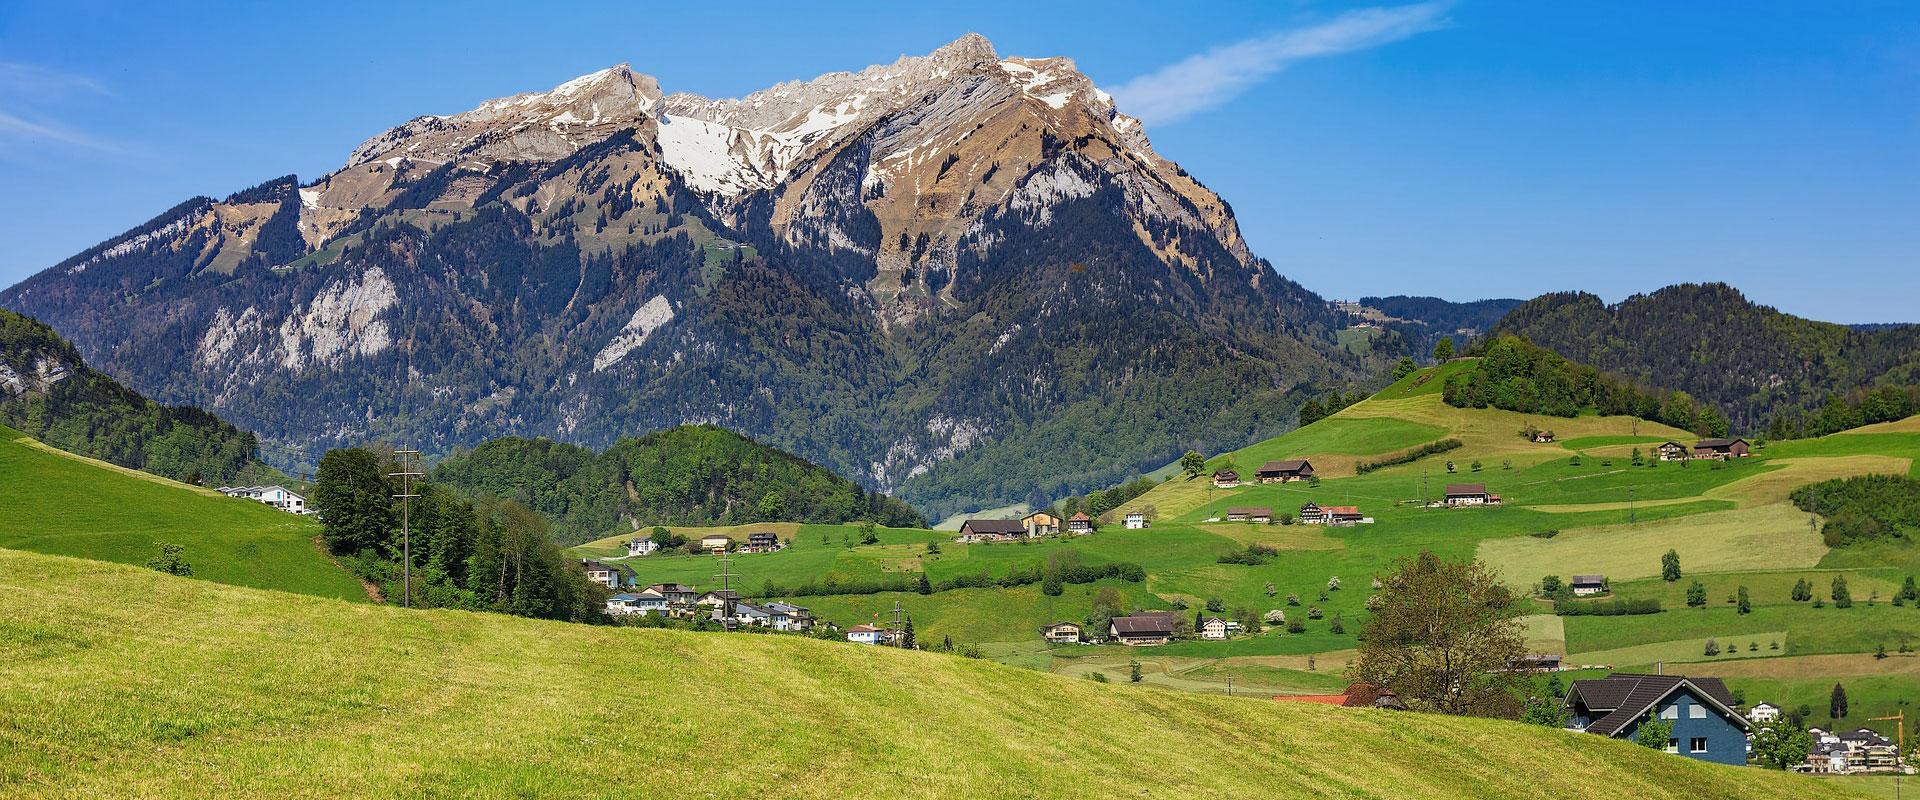 Stanserhorn im Kanton Nidwalden